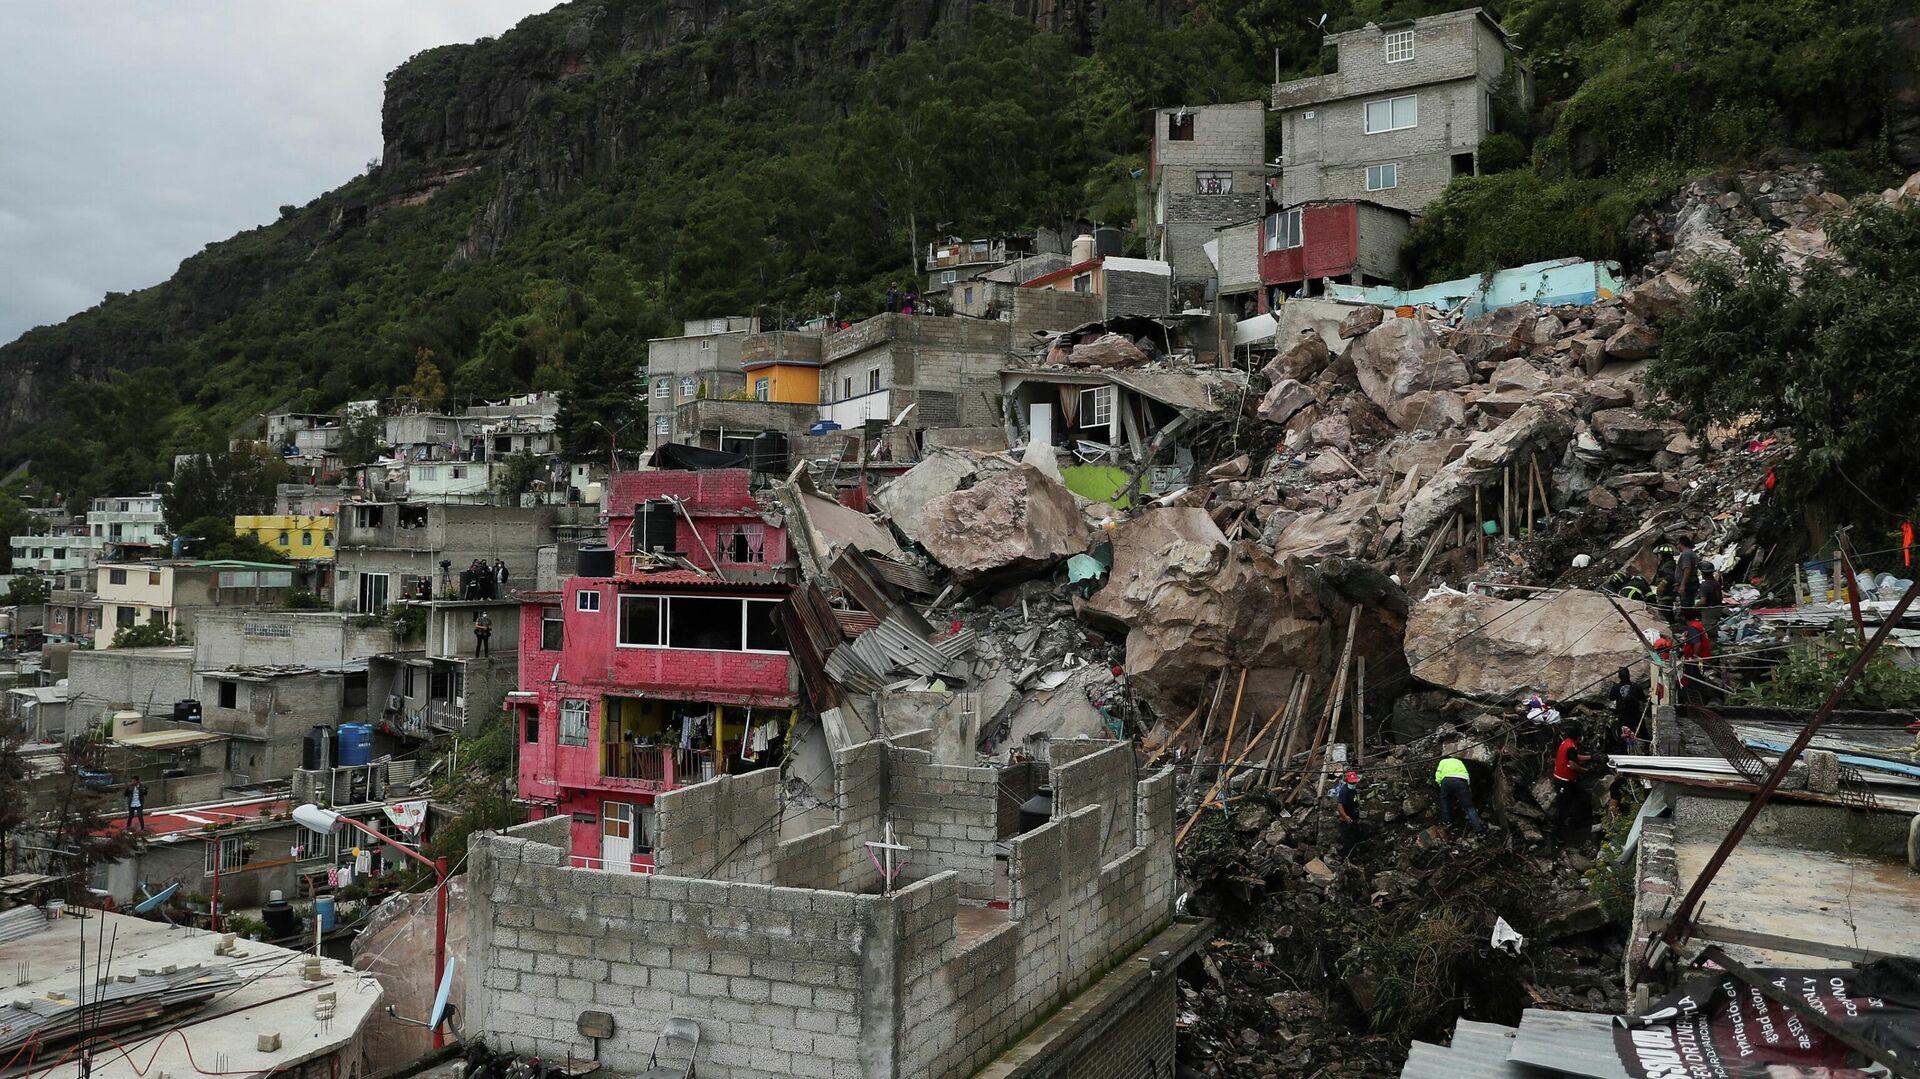 Las consecuencias de un terremoto en Ciudad de México, el 10 de septiembre - Sputnik Mundo, 1920, 14.09.2021